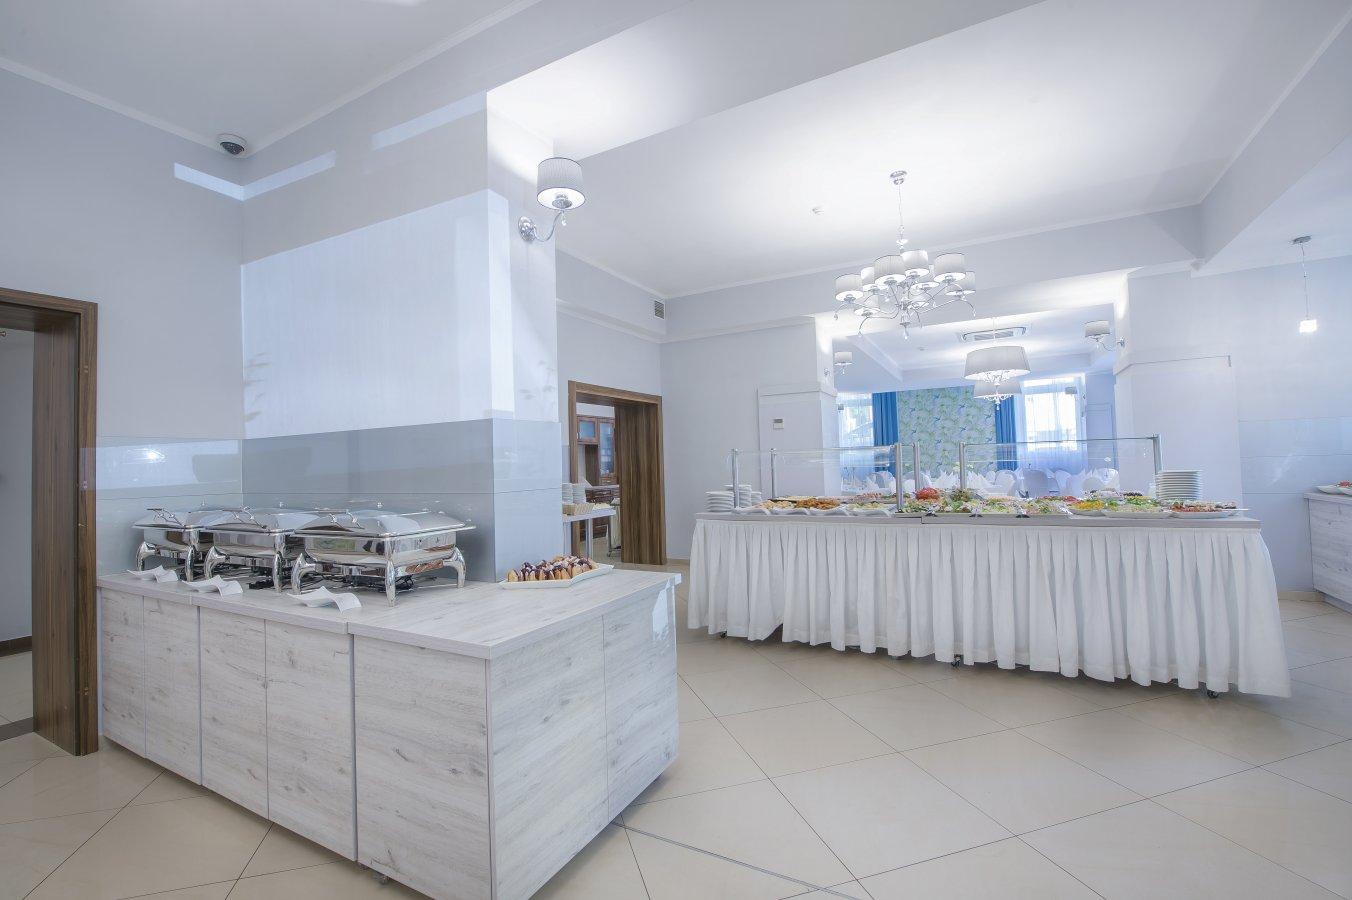 HOTEL CESARSKIE OGRODY SPA